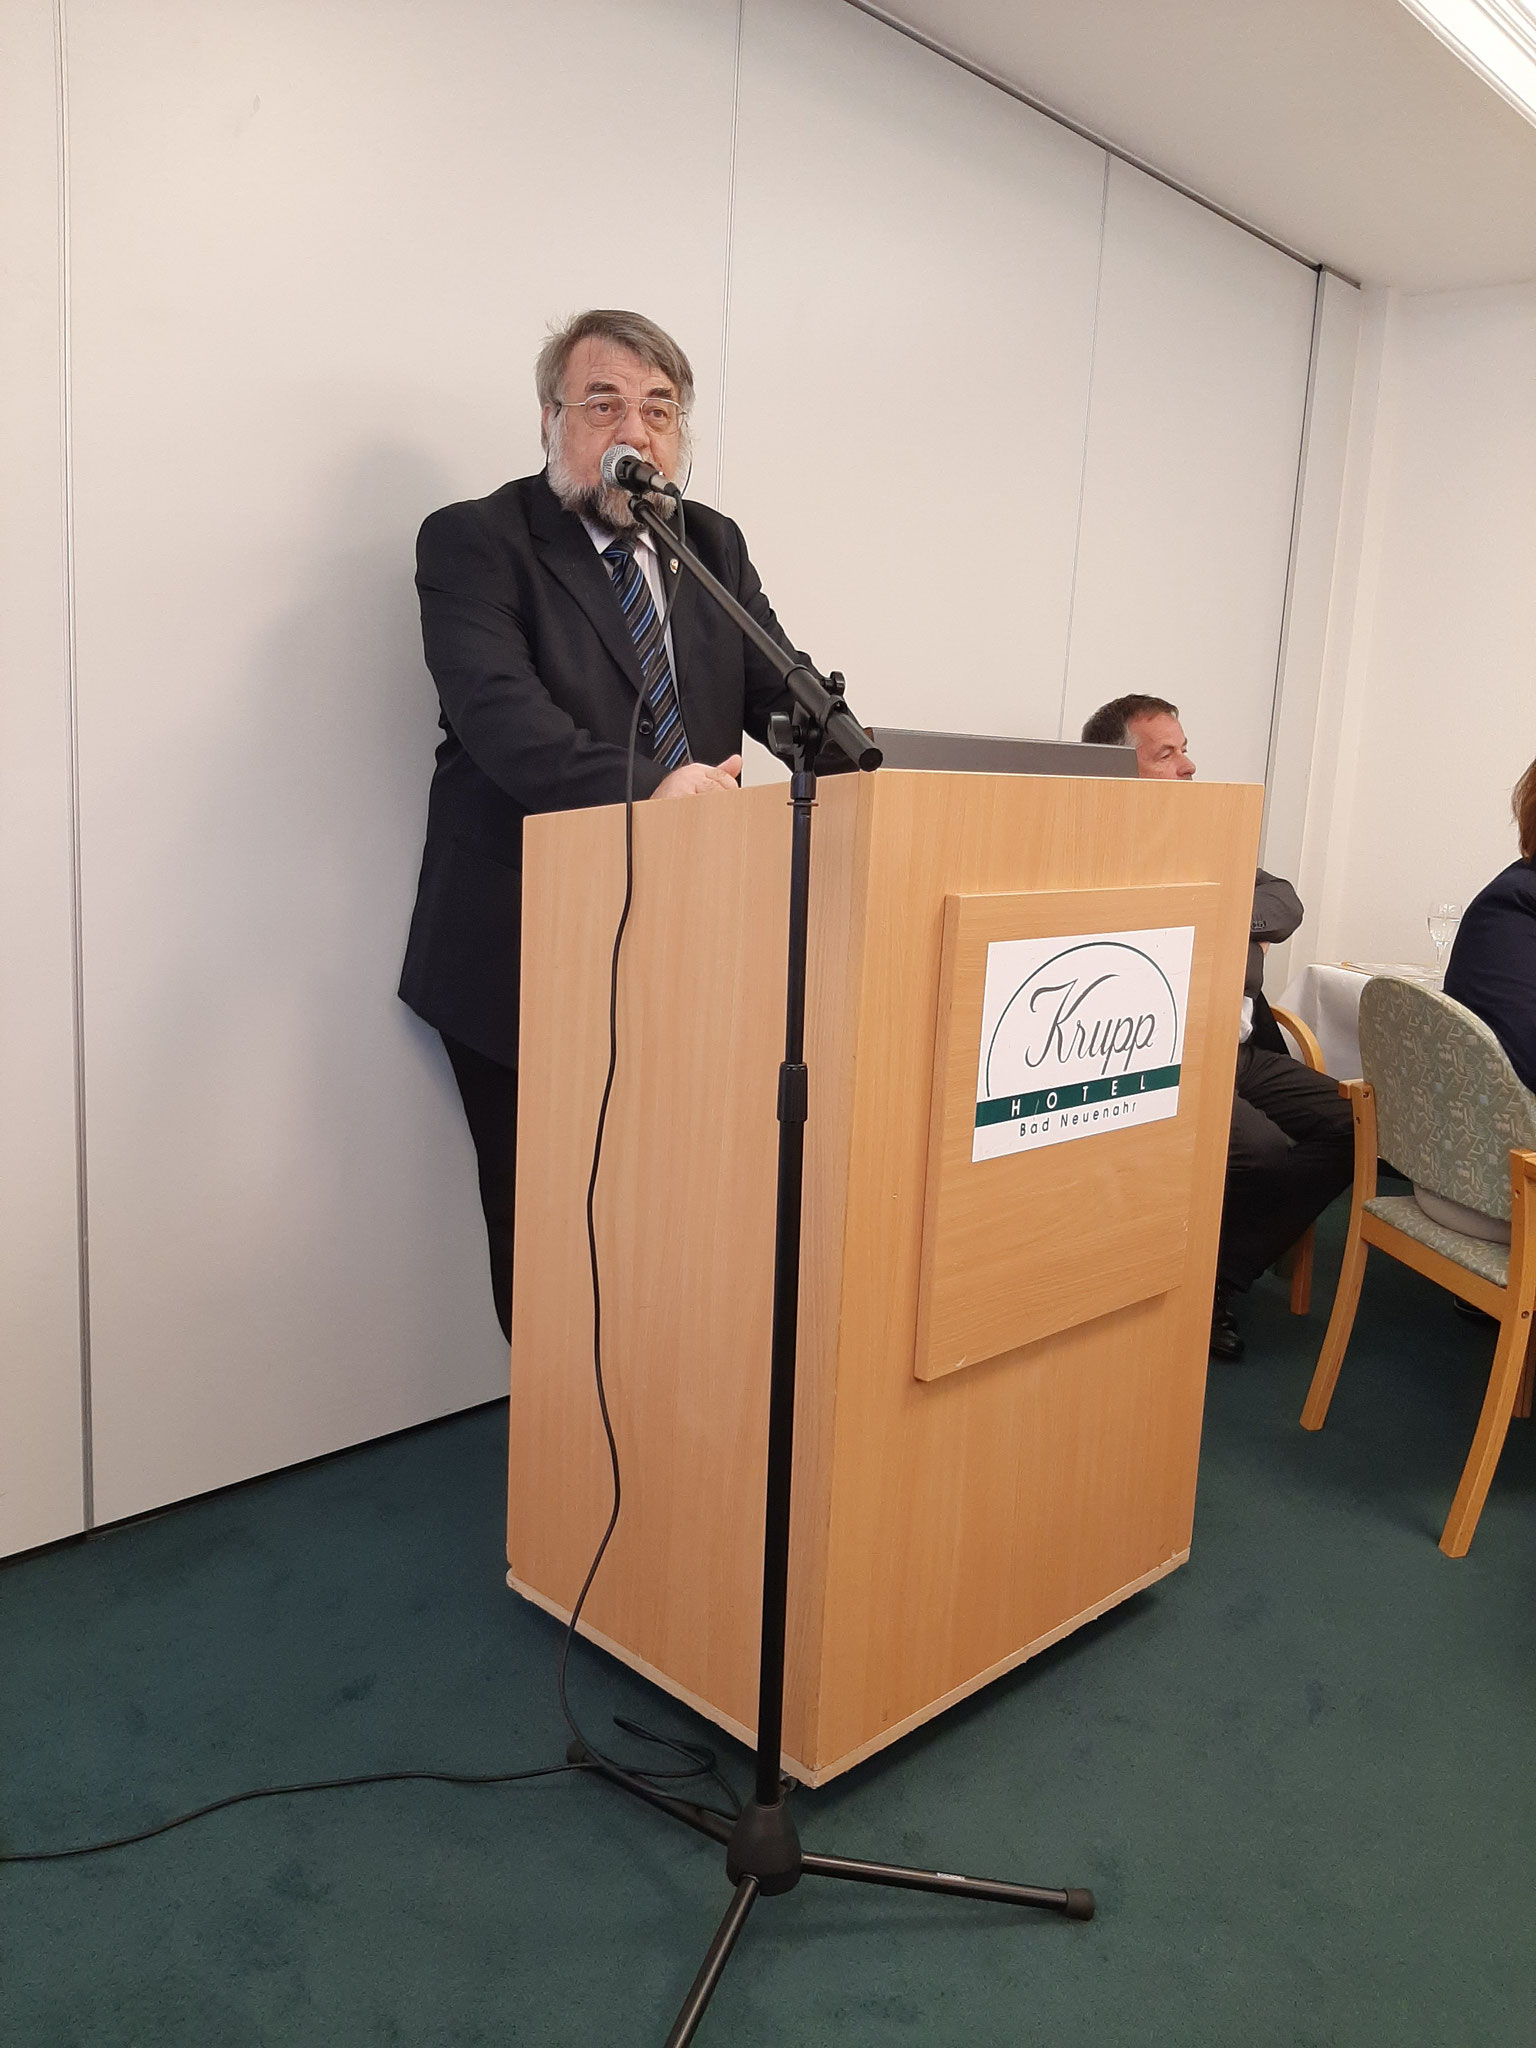 Grußwort von Dieter Wilking von der Interessengemeinschaft Dialysepatienten Rhein-Neckar e.V